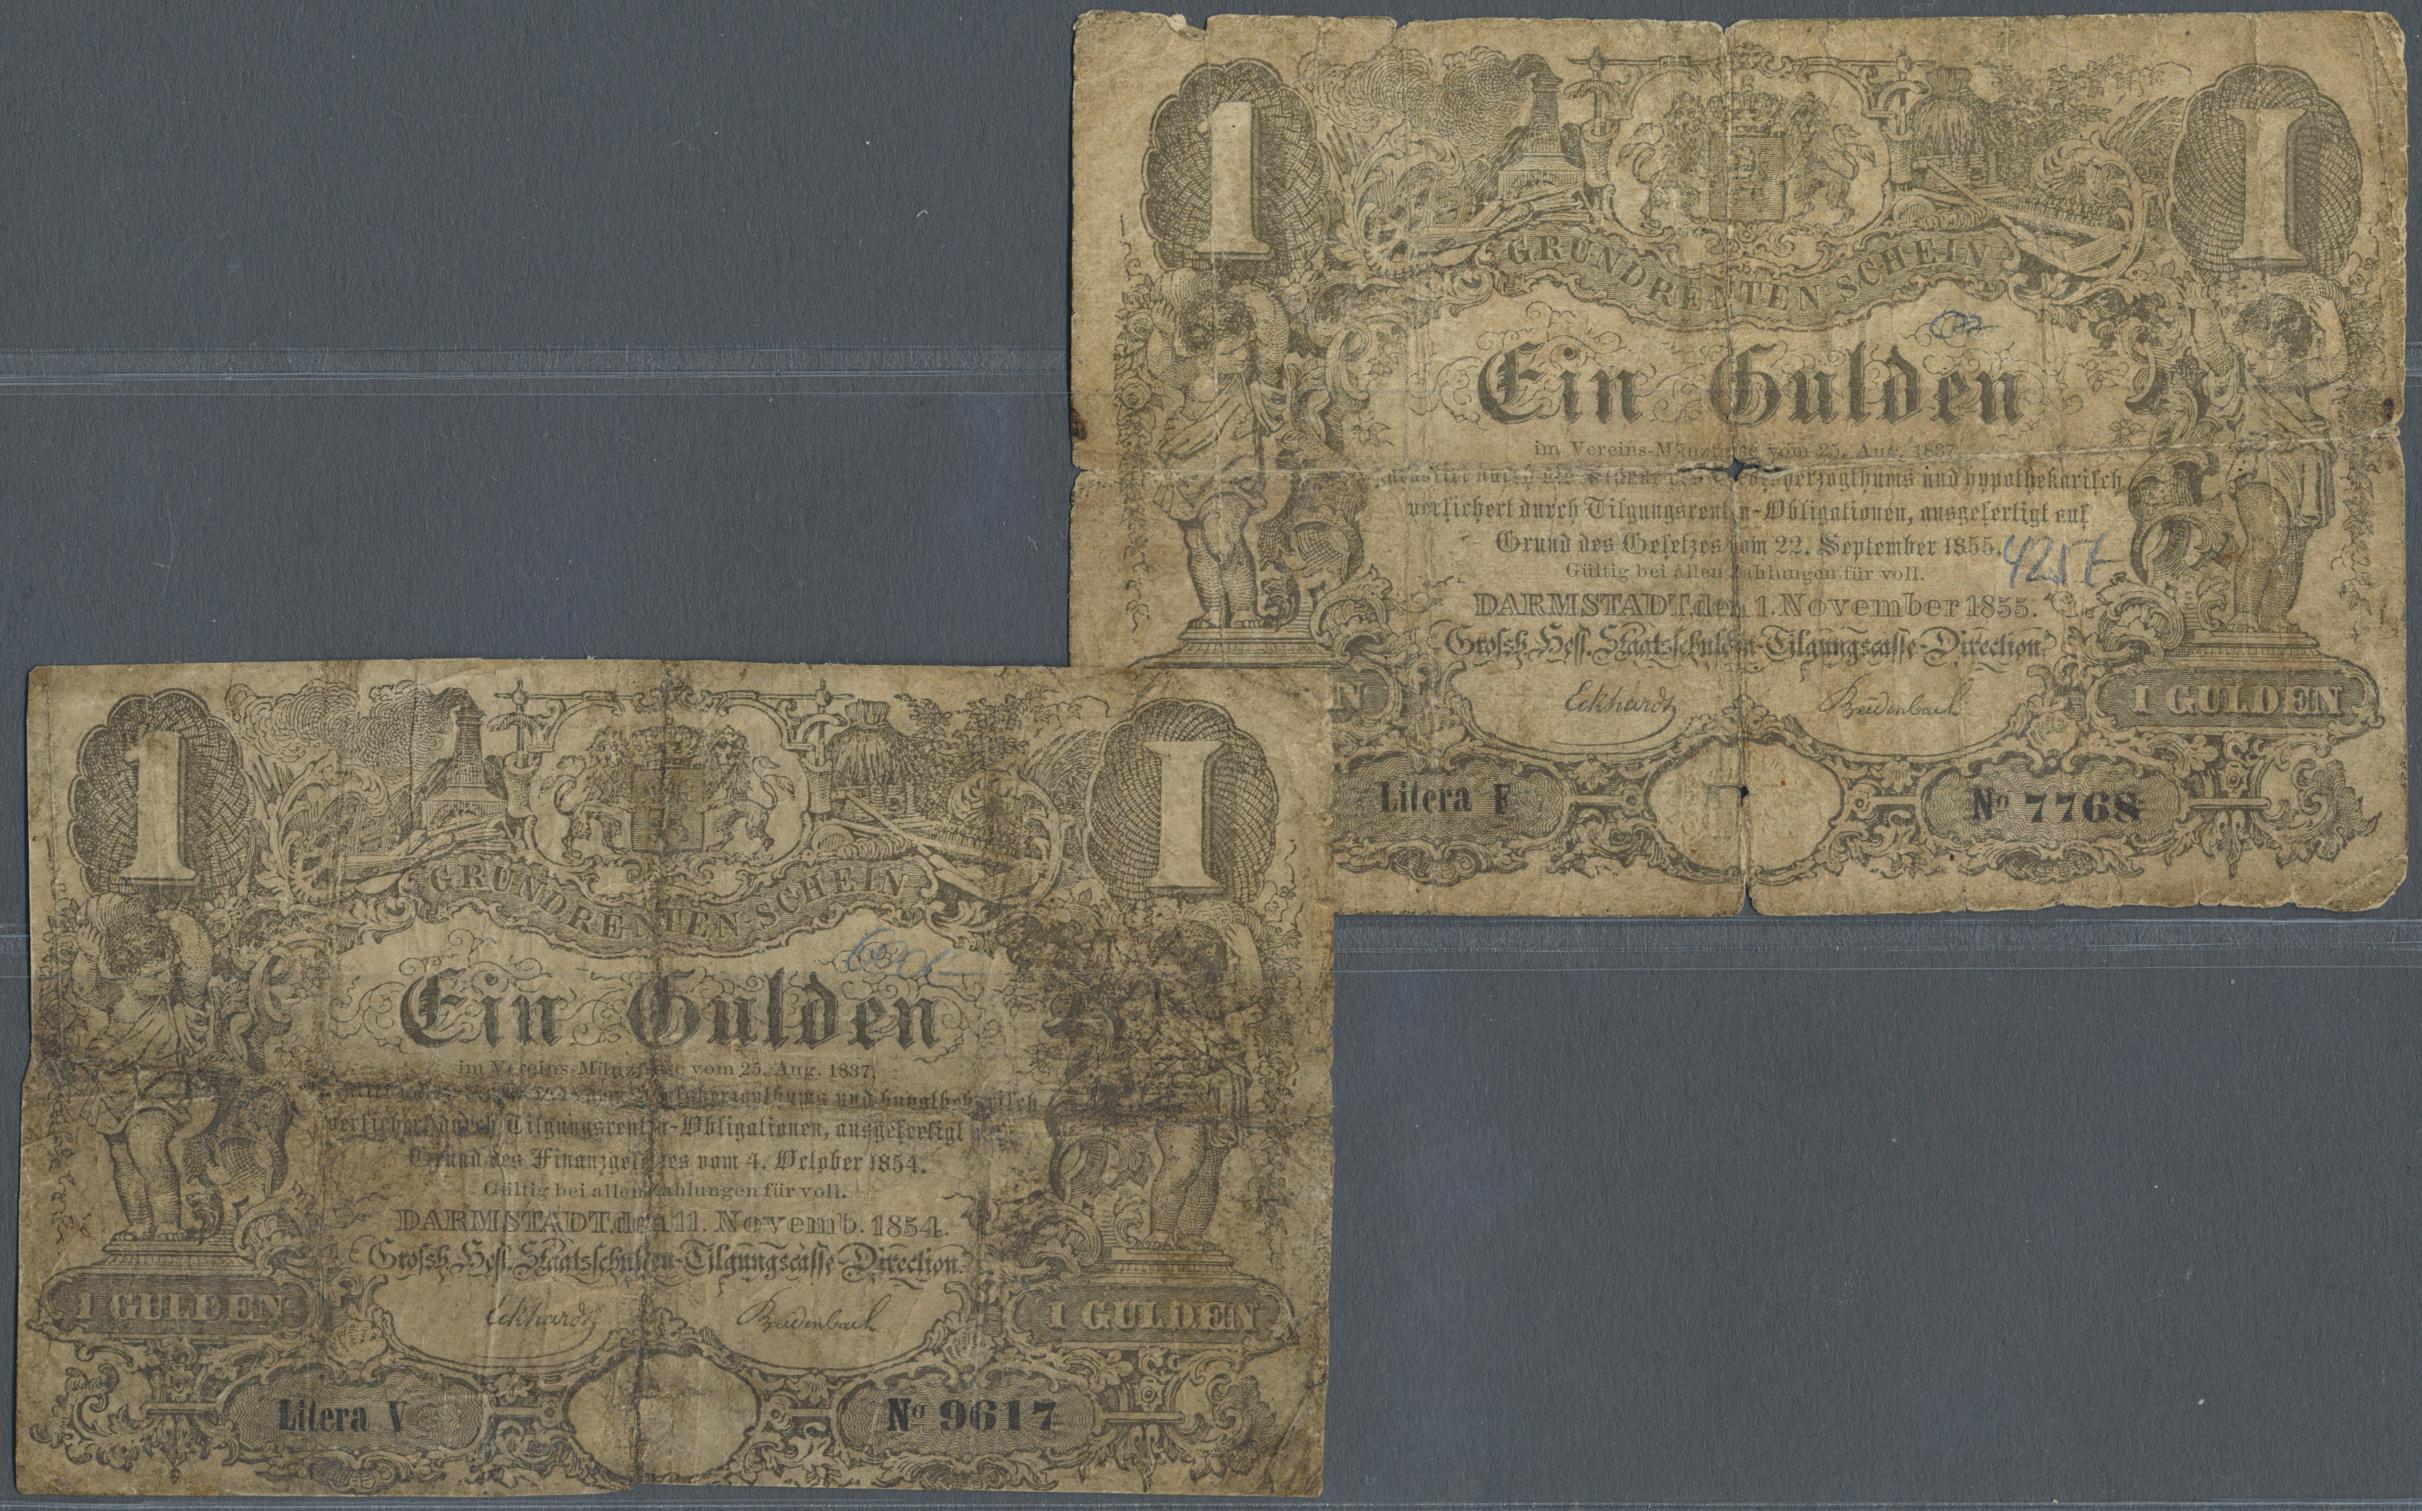 Lot 03301 - Deutschland - Altdeutsche Staaten | Banknoten  -  Auktionshaus Christoph Gärtner GmbH & Co. KG Sale #45 Banknotes Germany/Numismatics